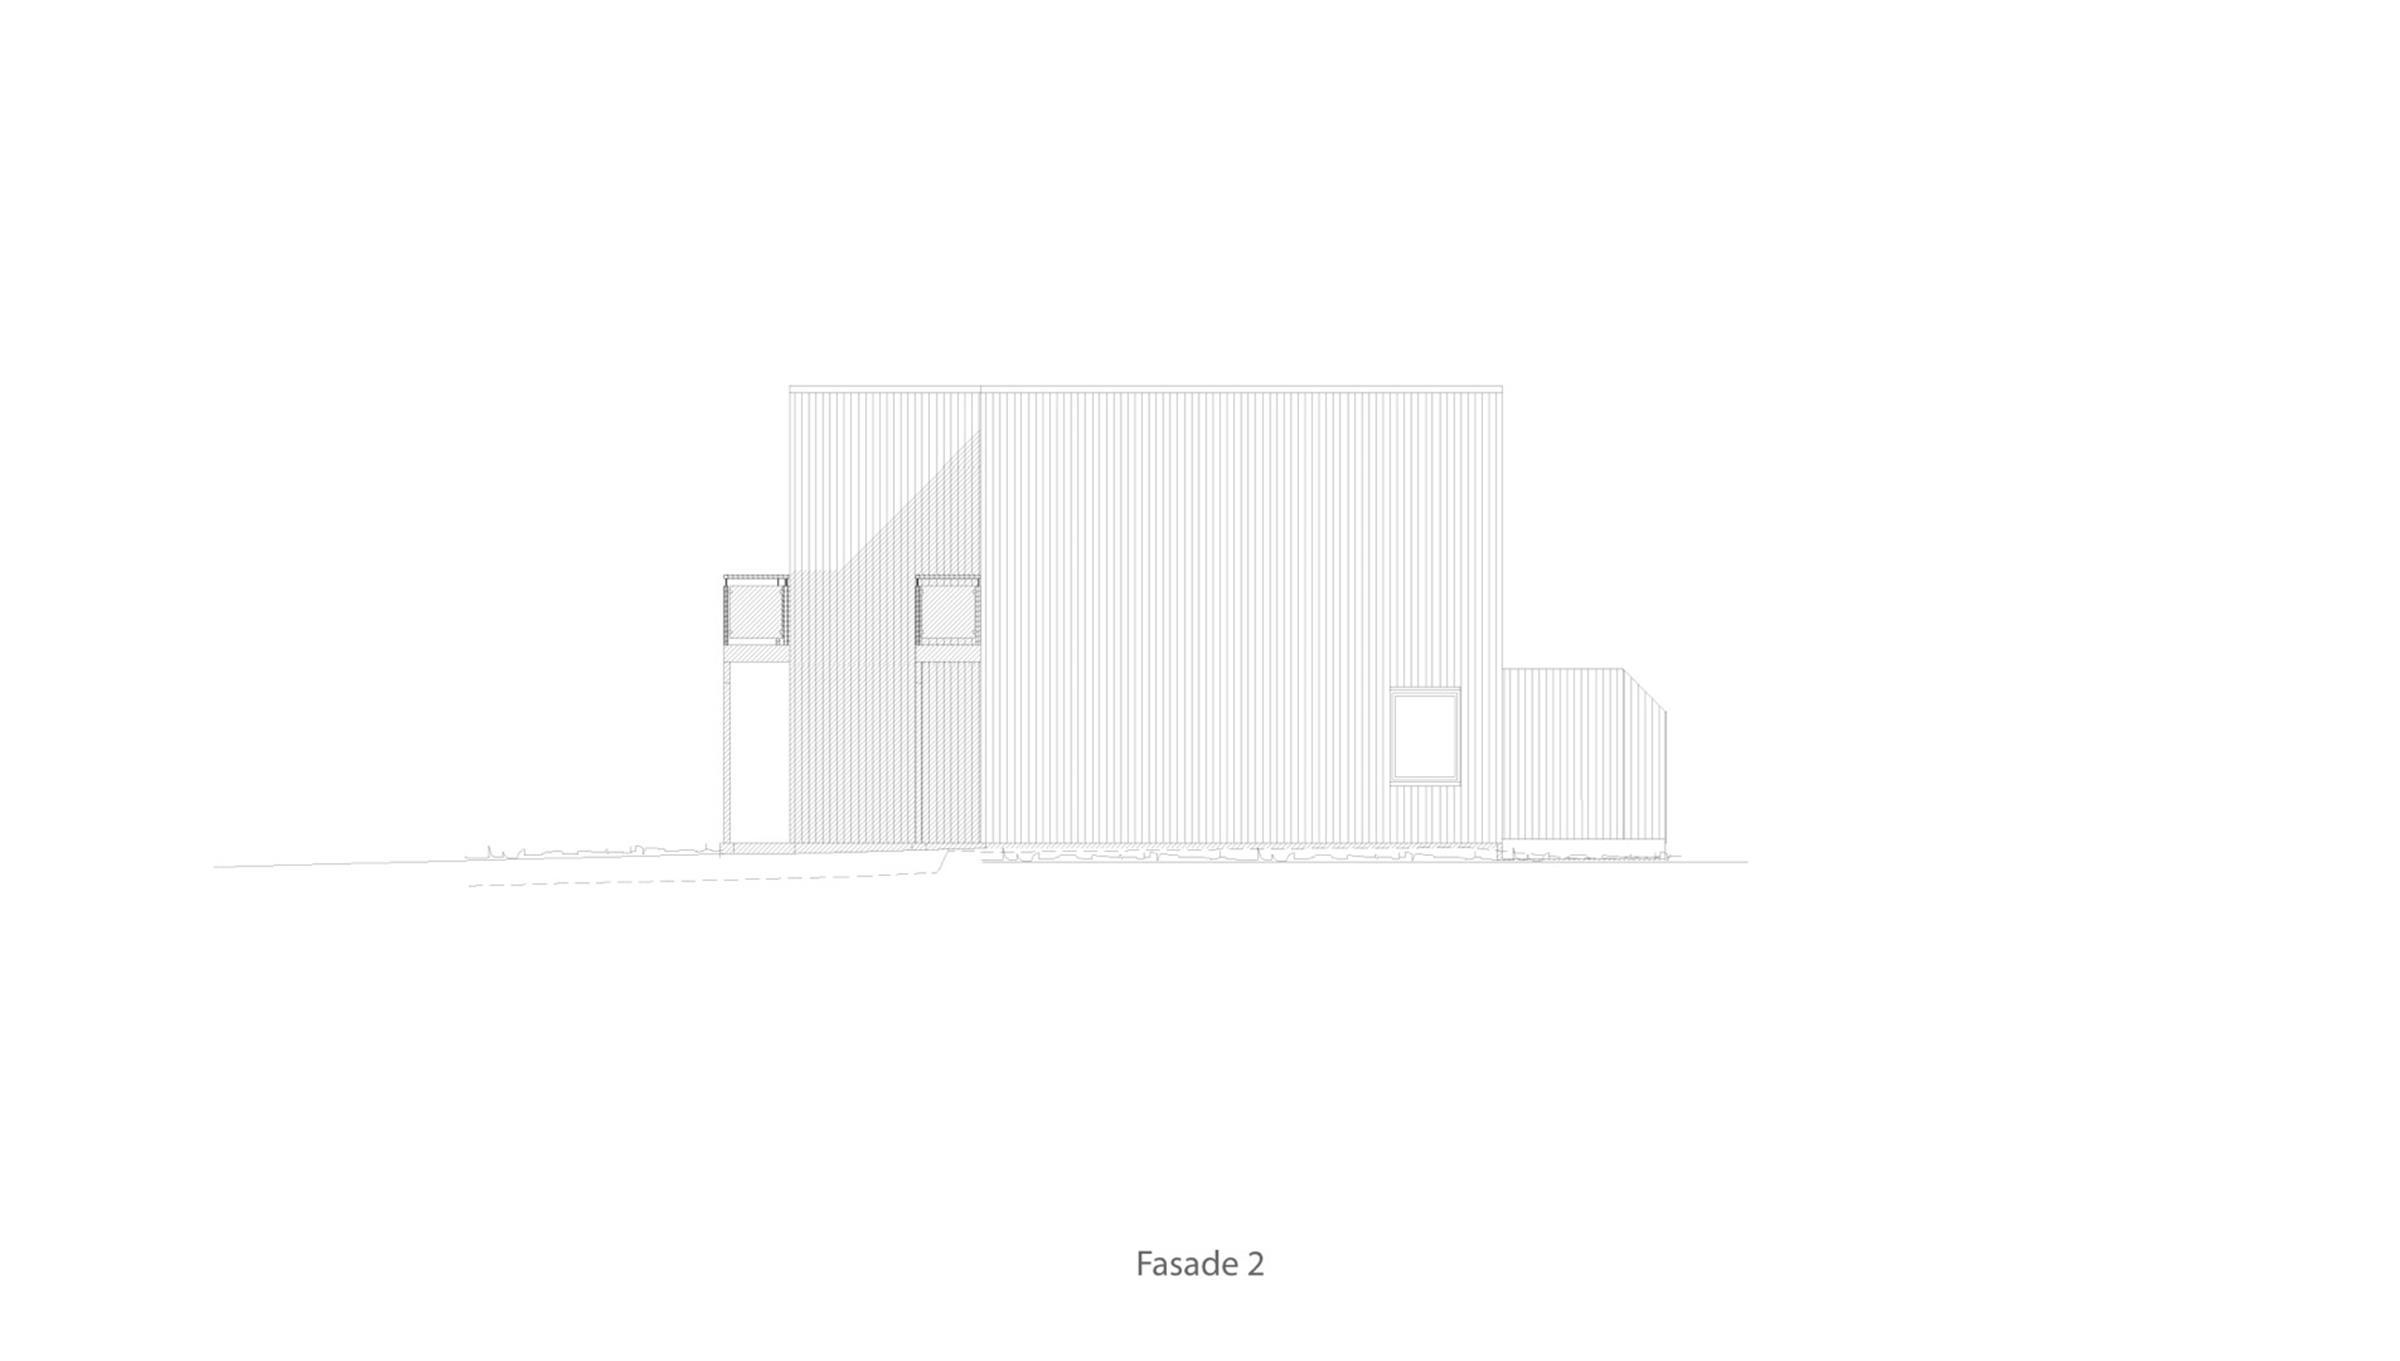 Porsgrunn fasade 2